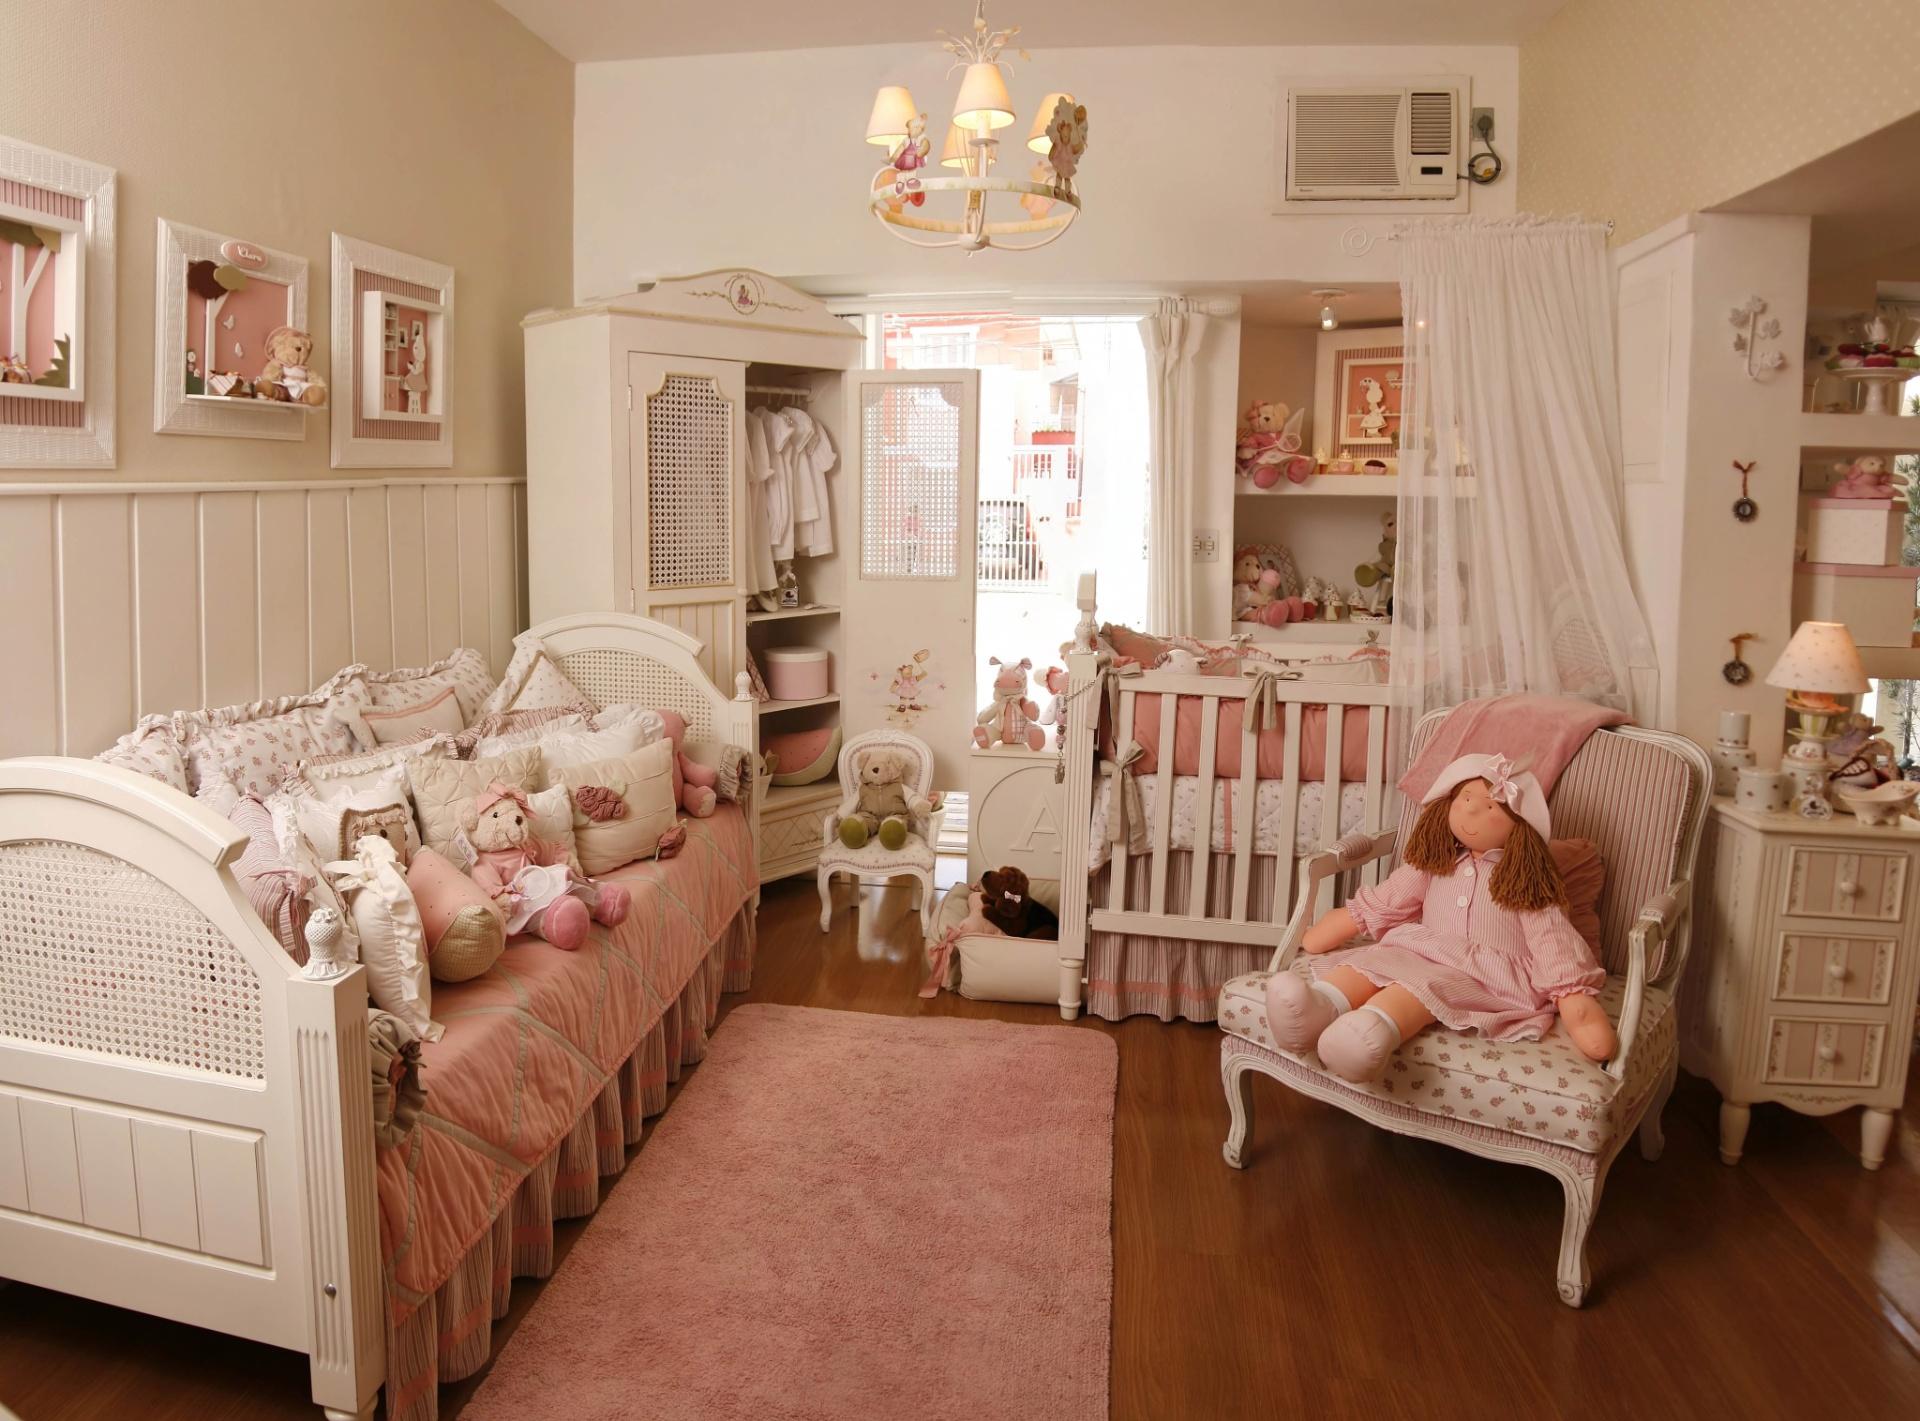 Quartos de bebê e criança  Casa e Decoração  UOL Mulher